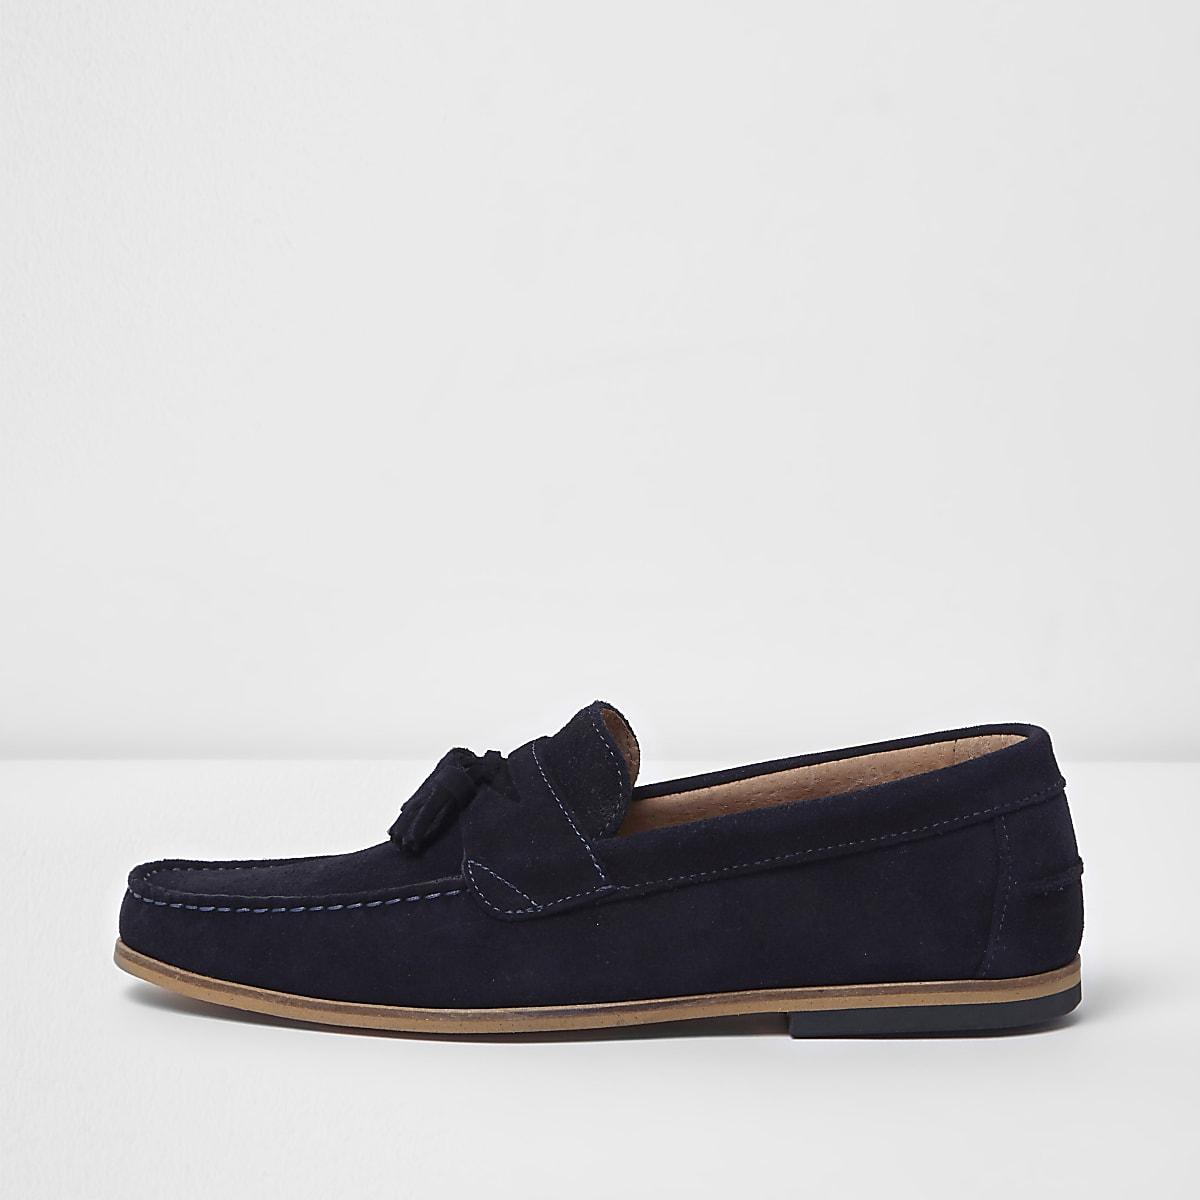 Wildleder-Loafer mit Quaste